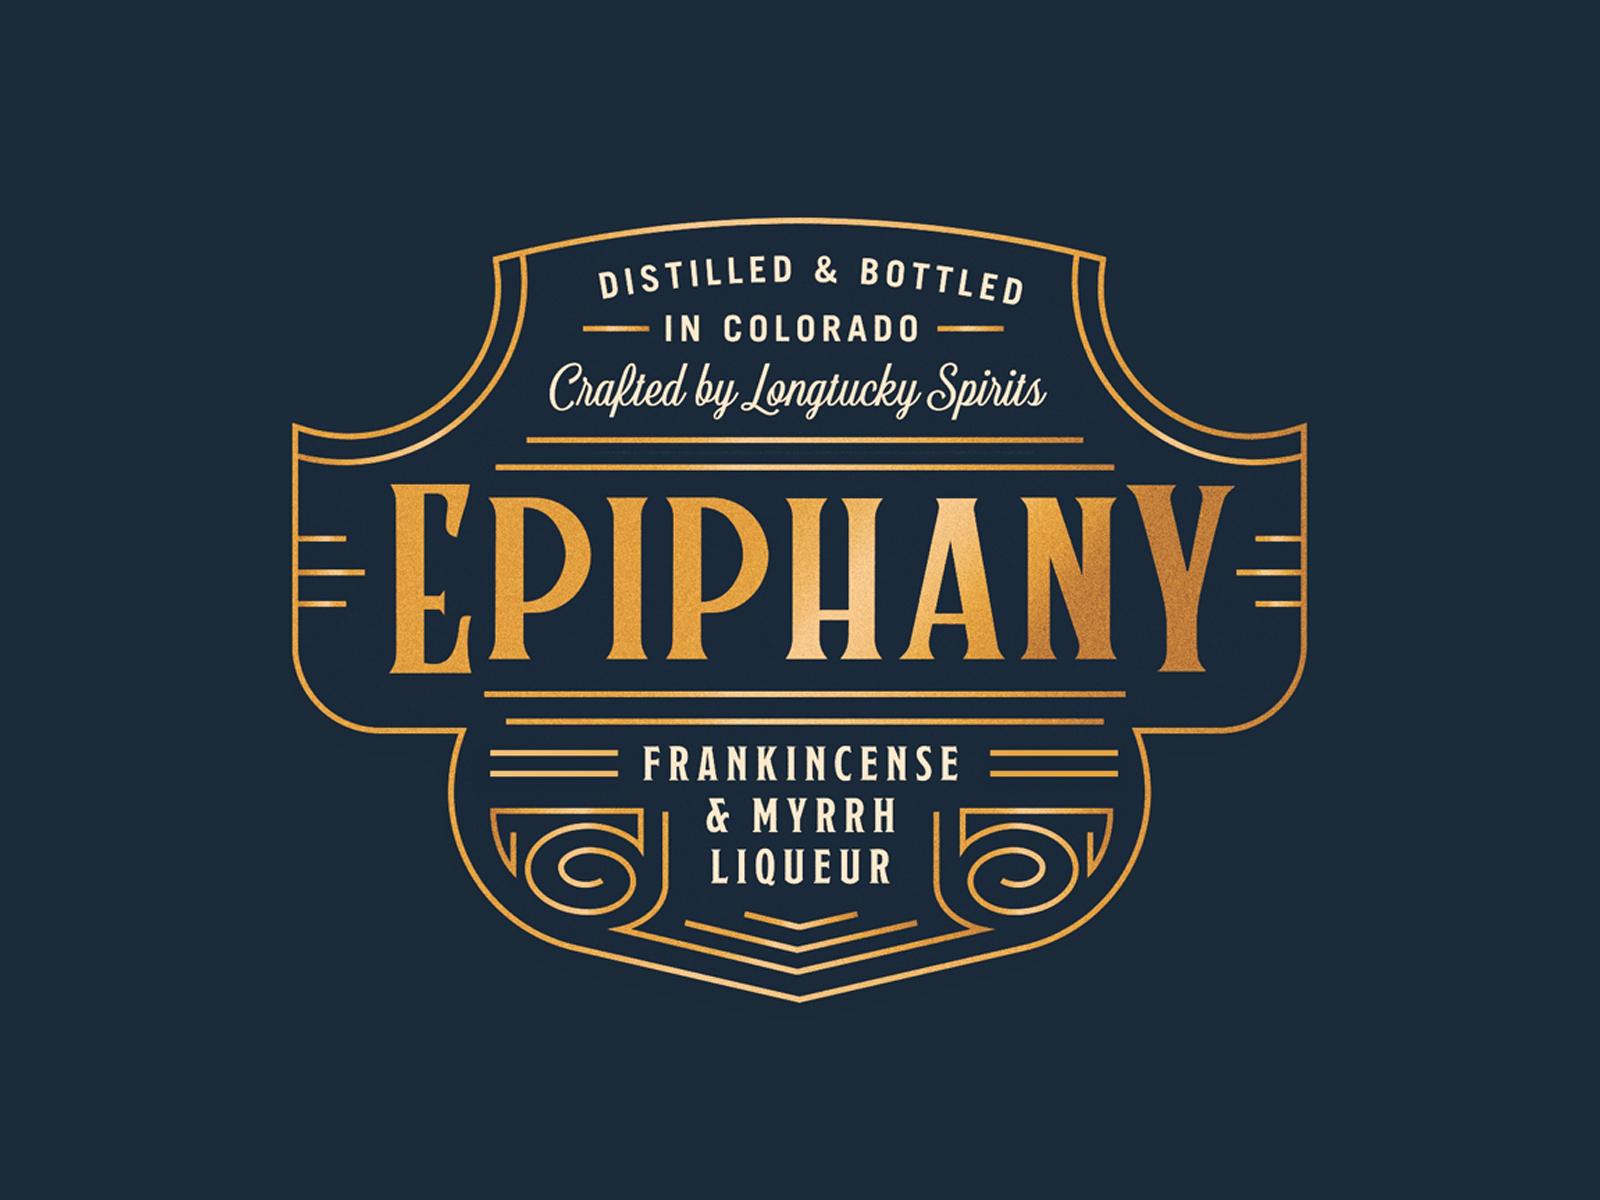 Epiphany kroneberger